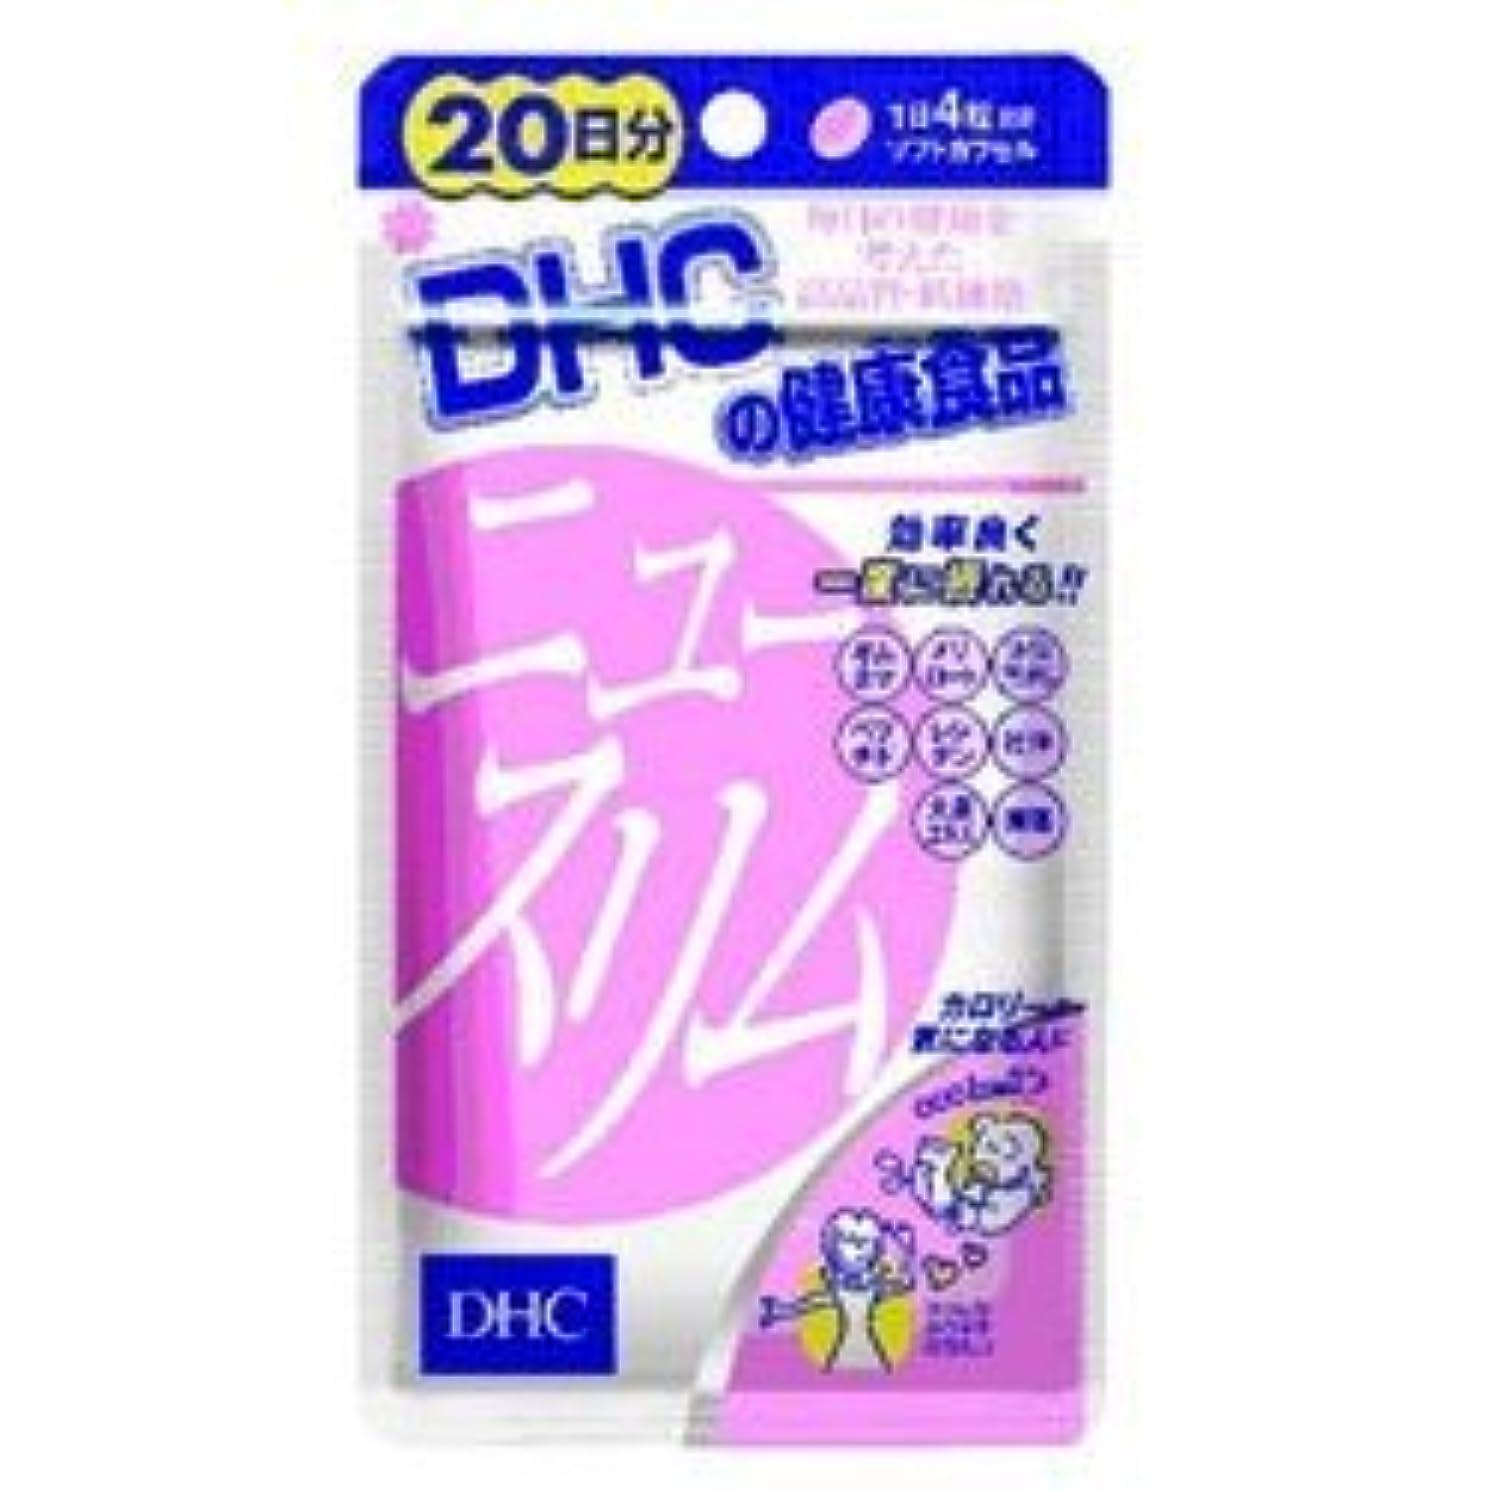 アルミニウムスリンク辛い【DHC】ニュースリム 20日分 ×20個セット